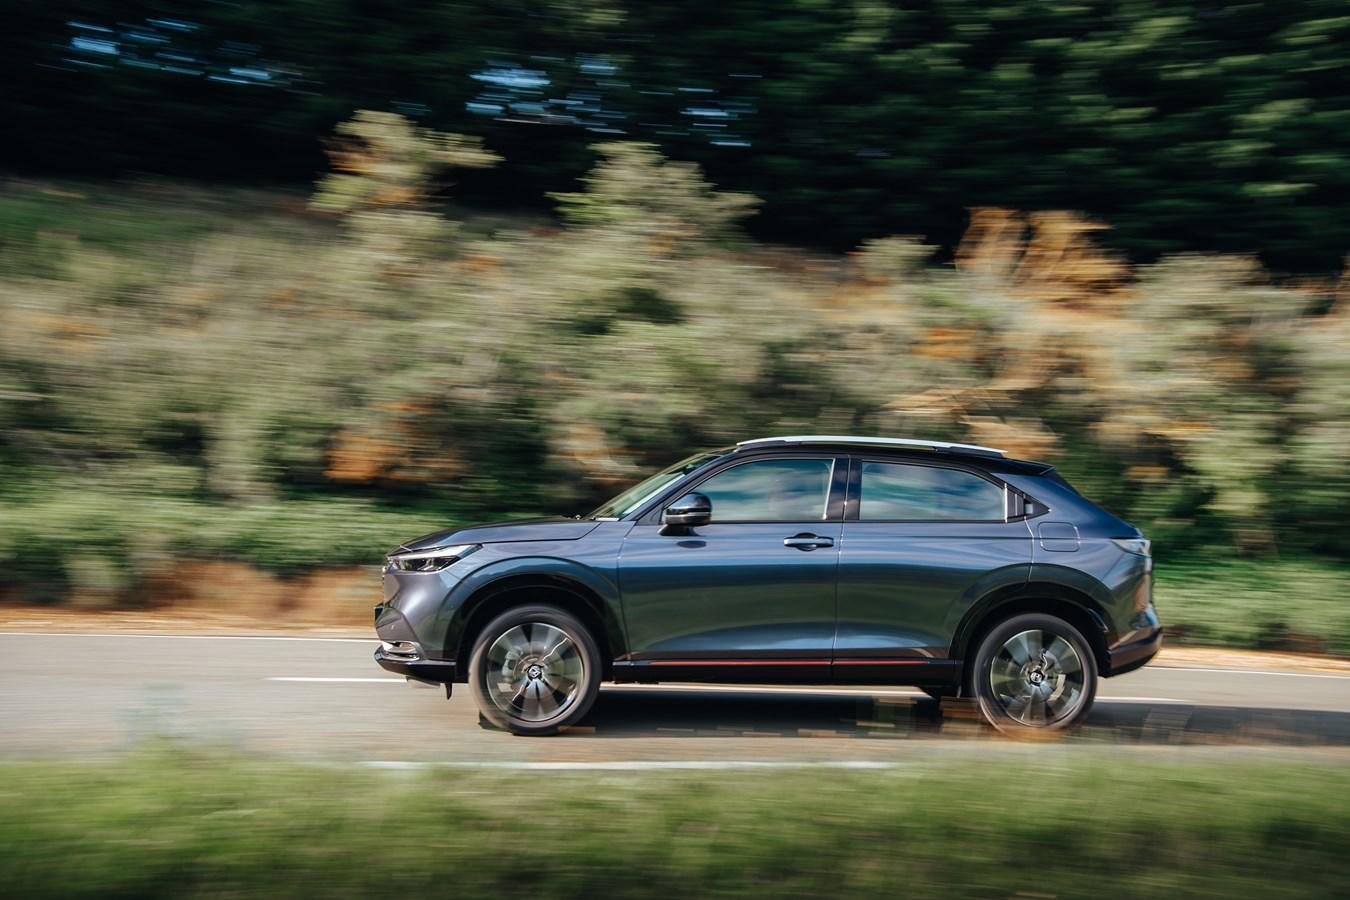 A tecnologia e:HEV do Novo Honda HR-V oferece uma combinação perfeita de eficiência e desempenho 13